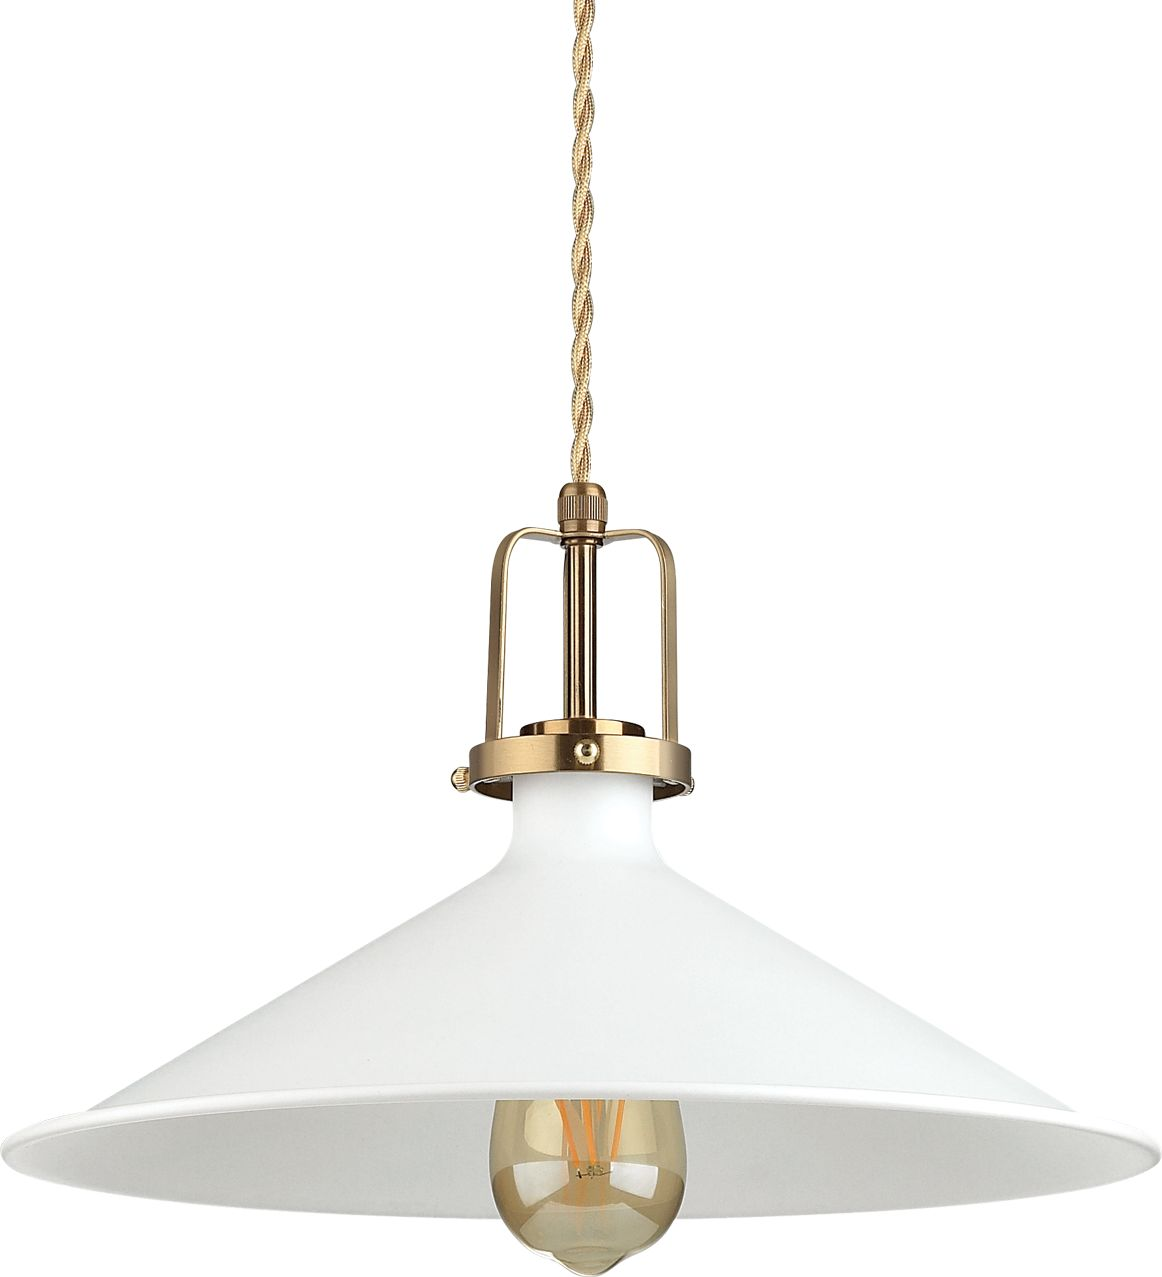 Lampa wisząca Eris 238210 Ideal Lux klasyczna oprawa w kolorze białym